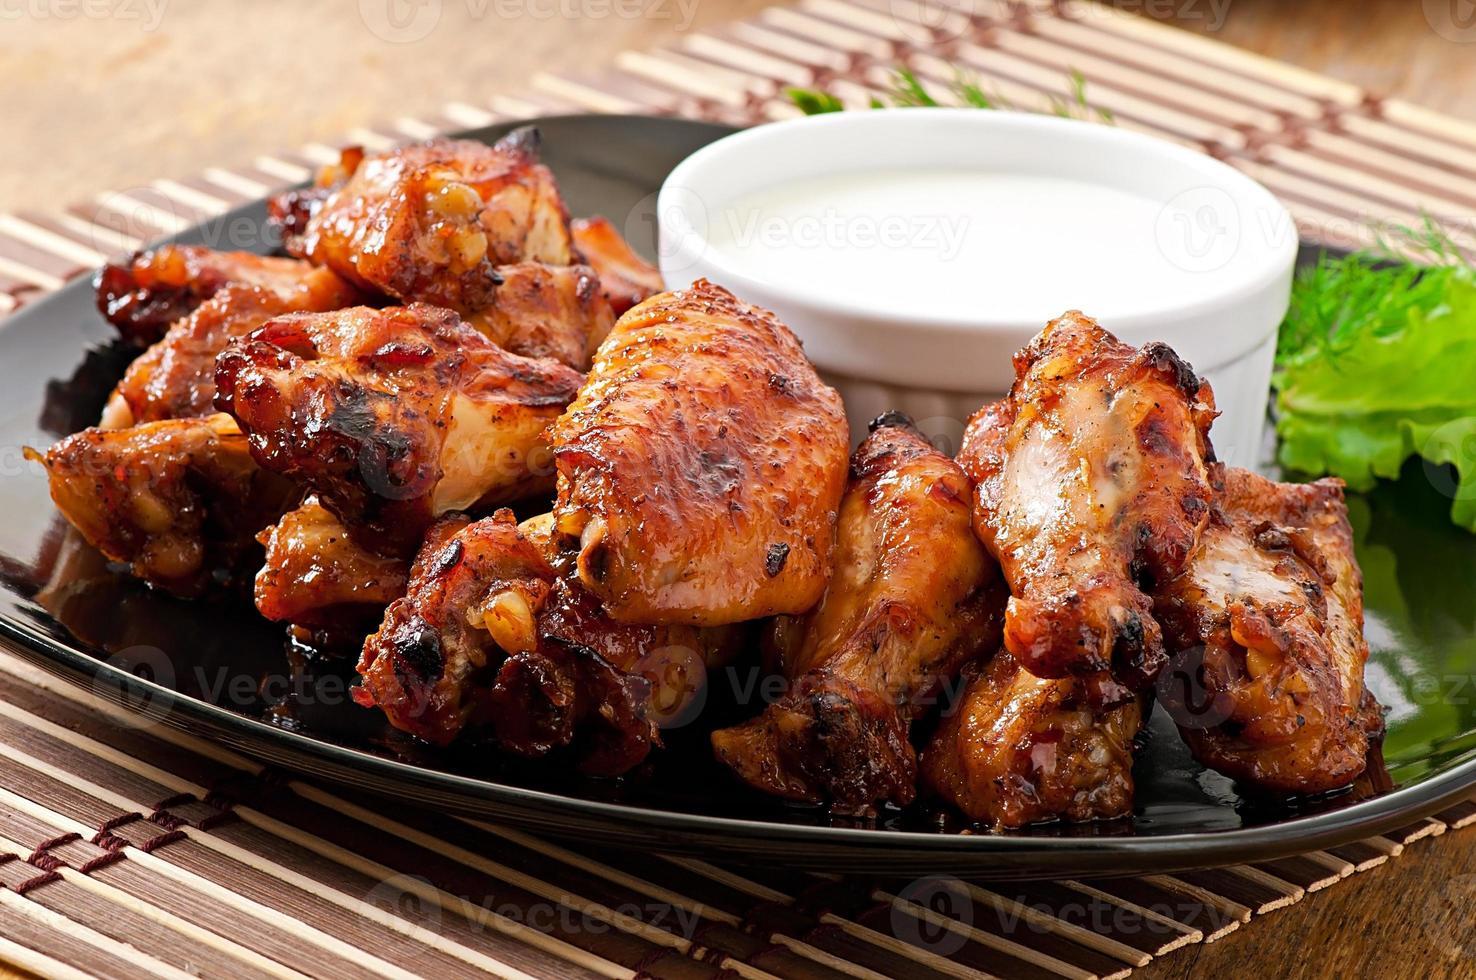 alitas de pollo al horno al estilo asiático foto